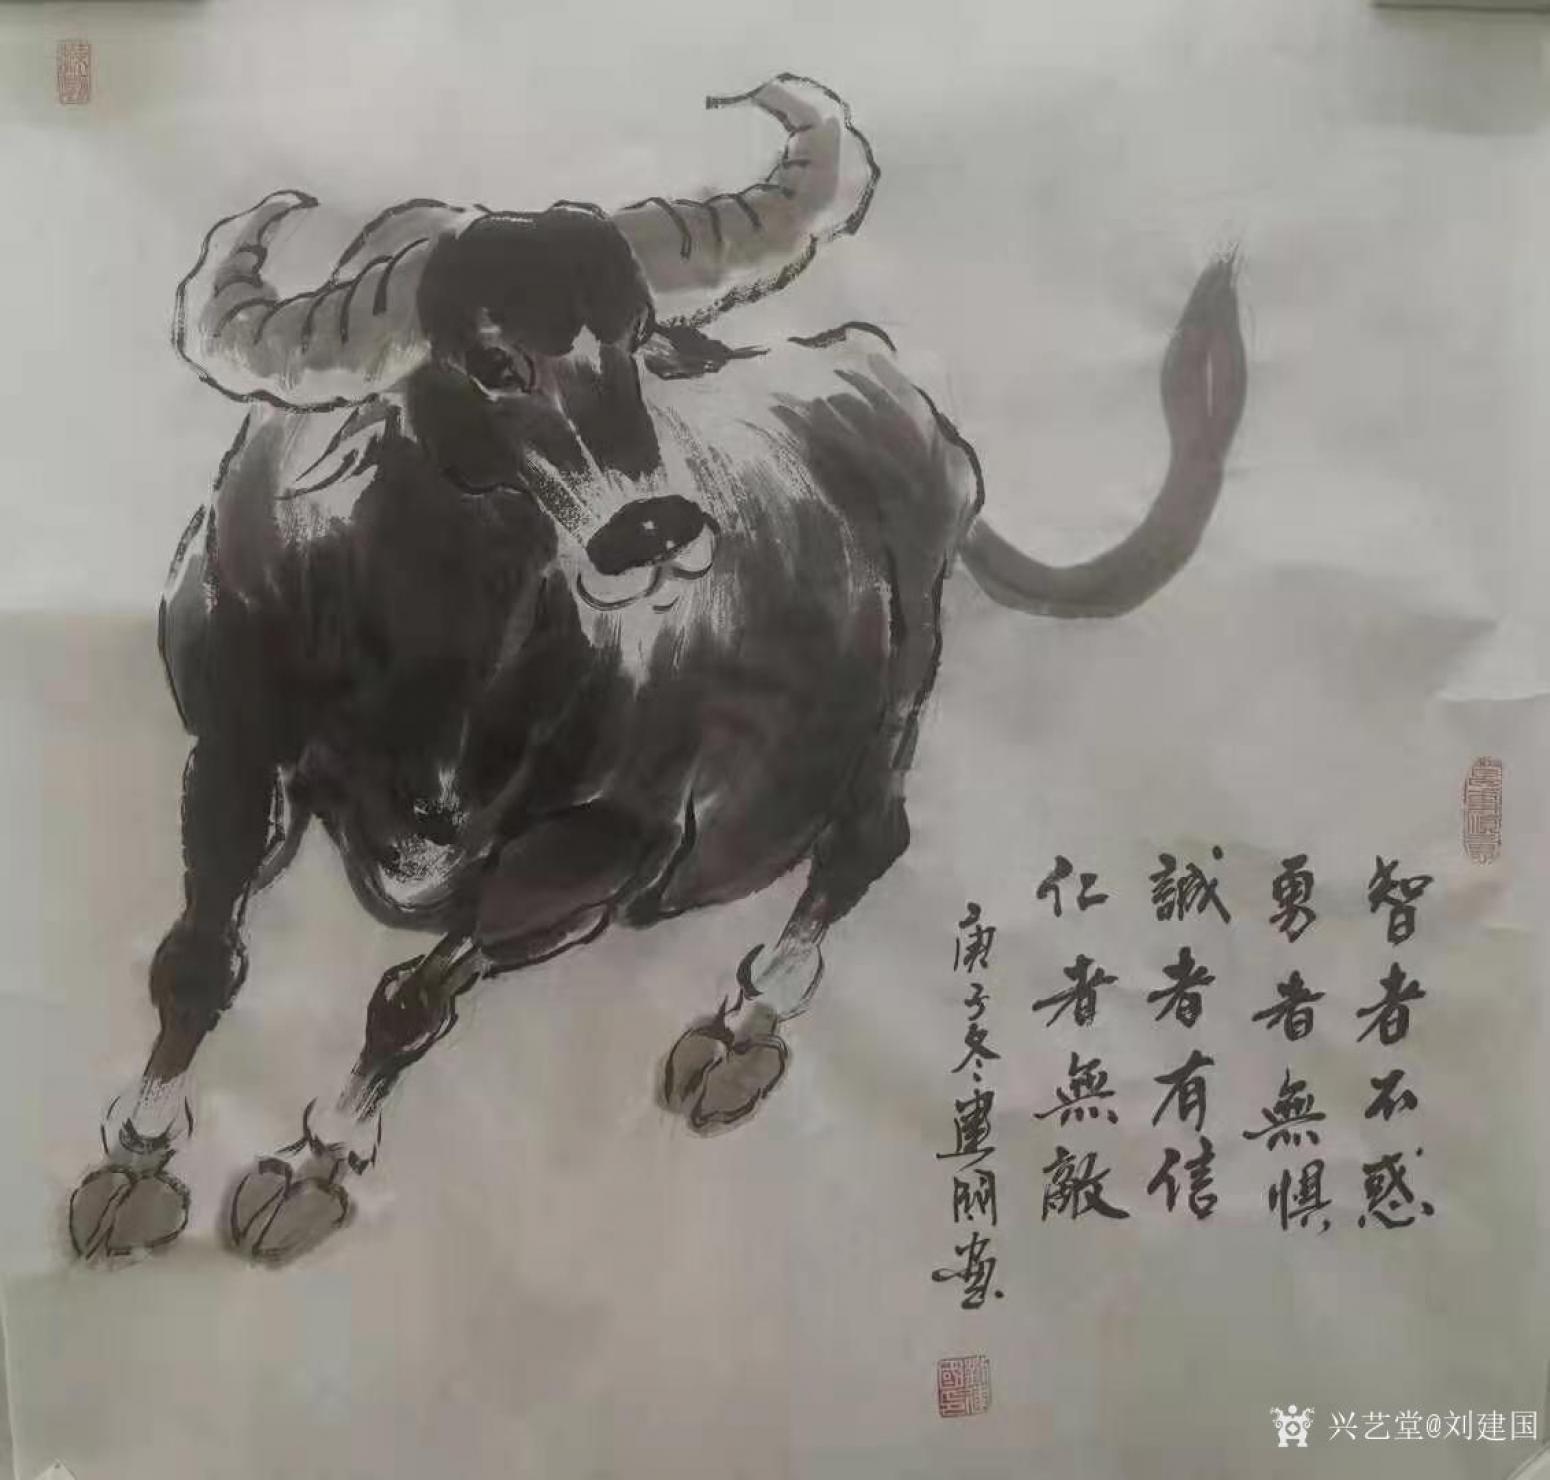 刘建国国画作品《牛-勇者无惧》